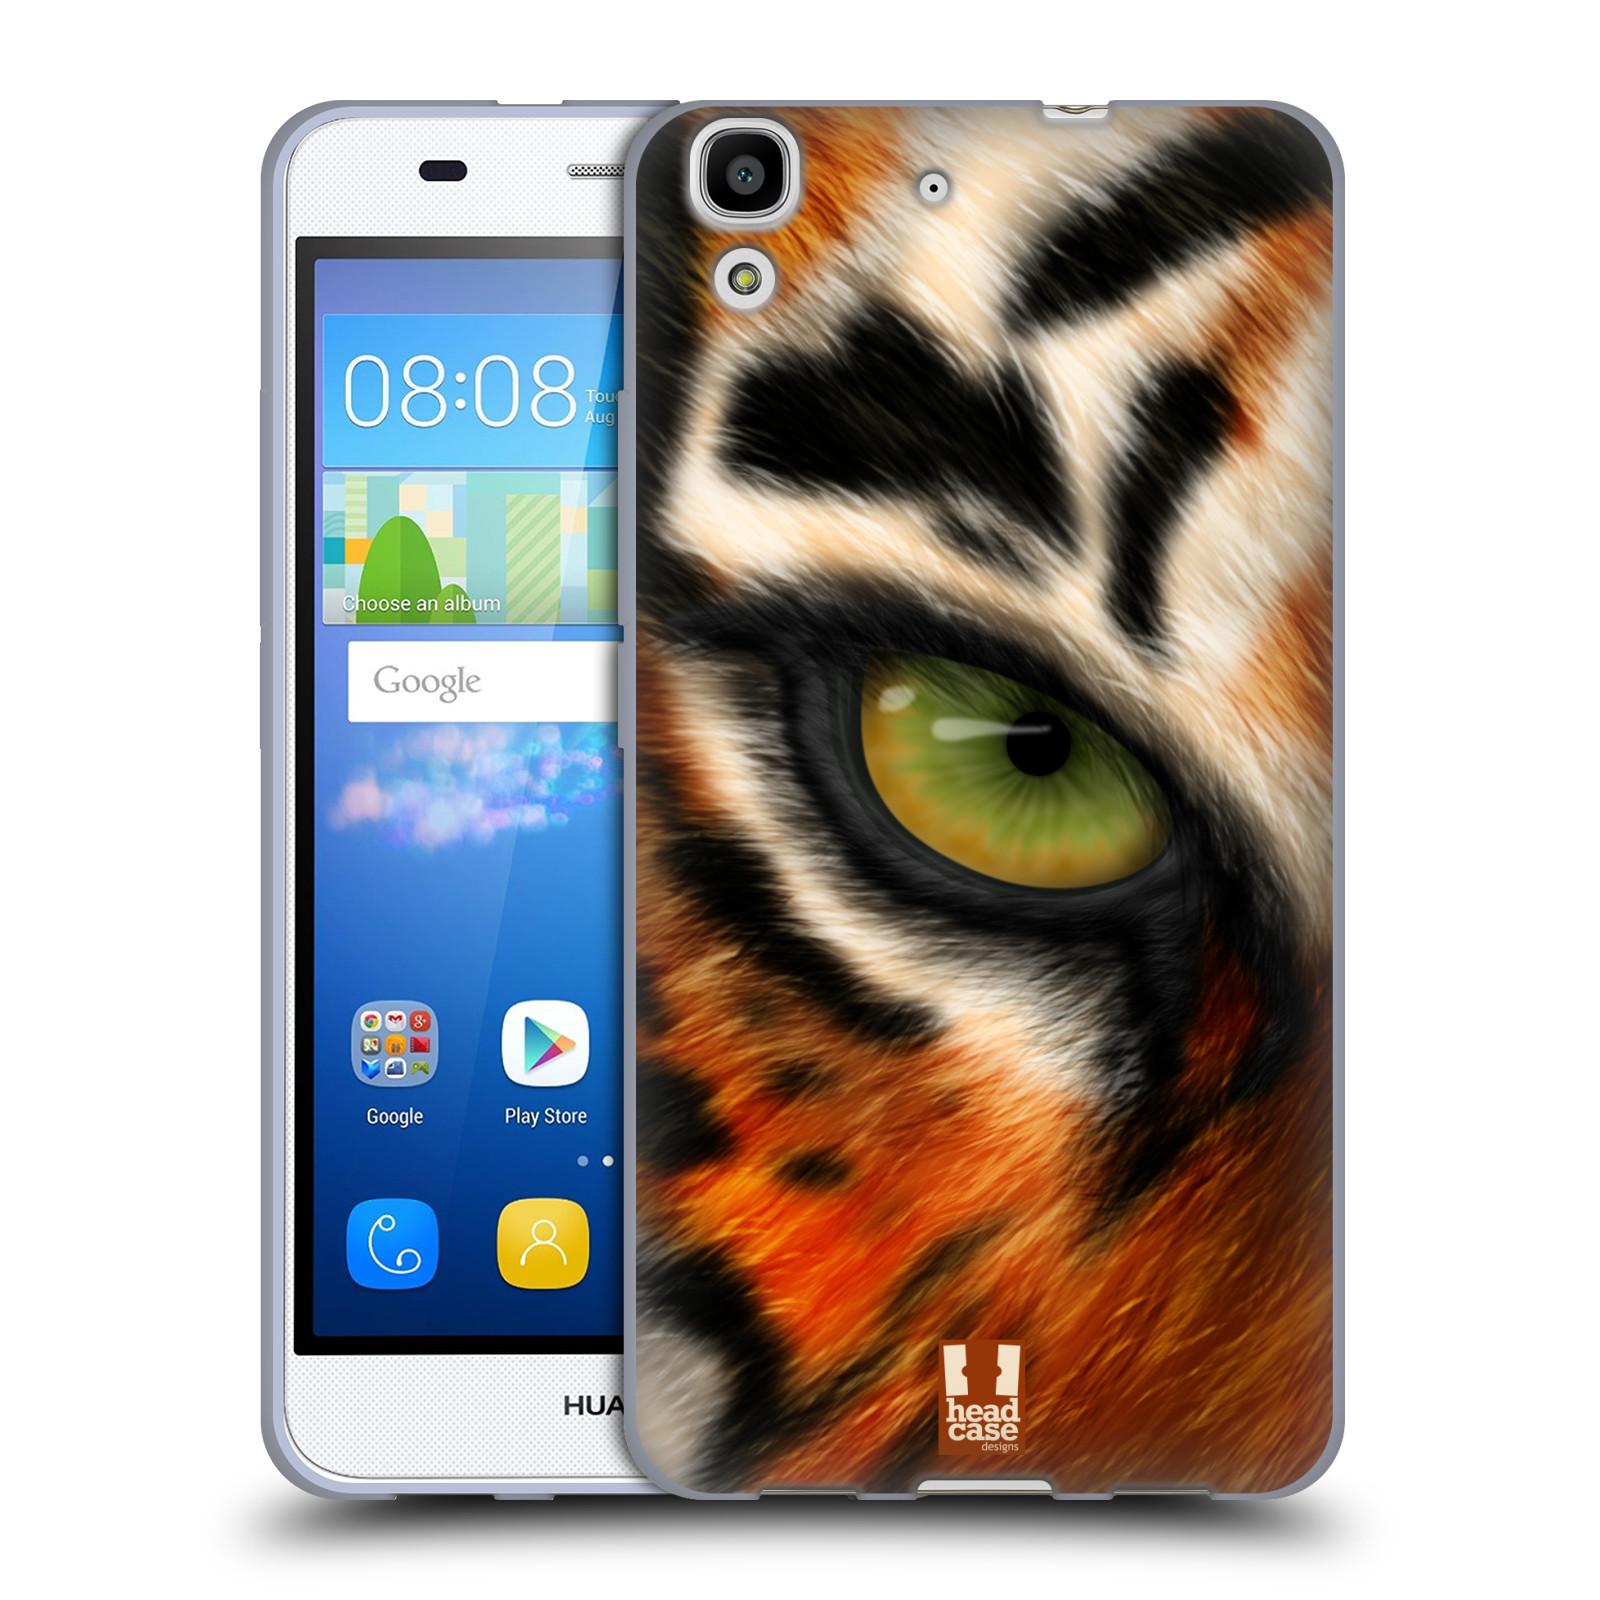 HEAD CASE silikonový obal na mobil HUAWEI Y6 vzor pohled zvířete oko tygr